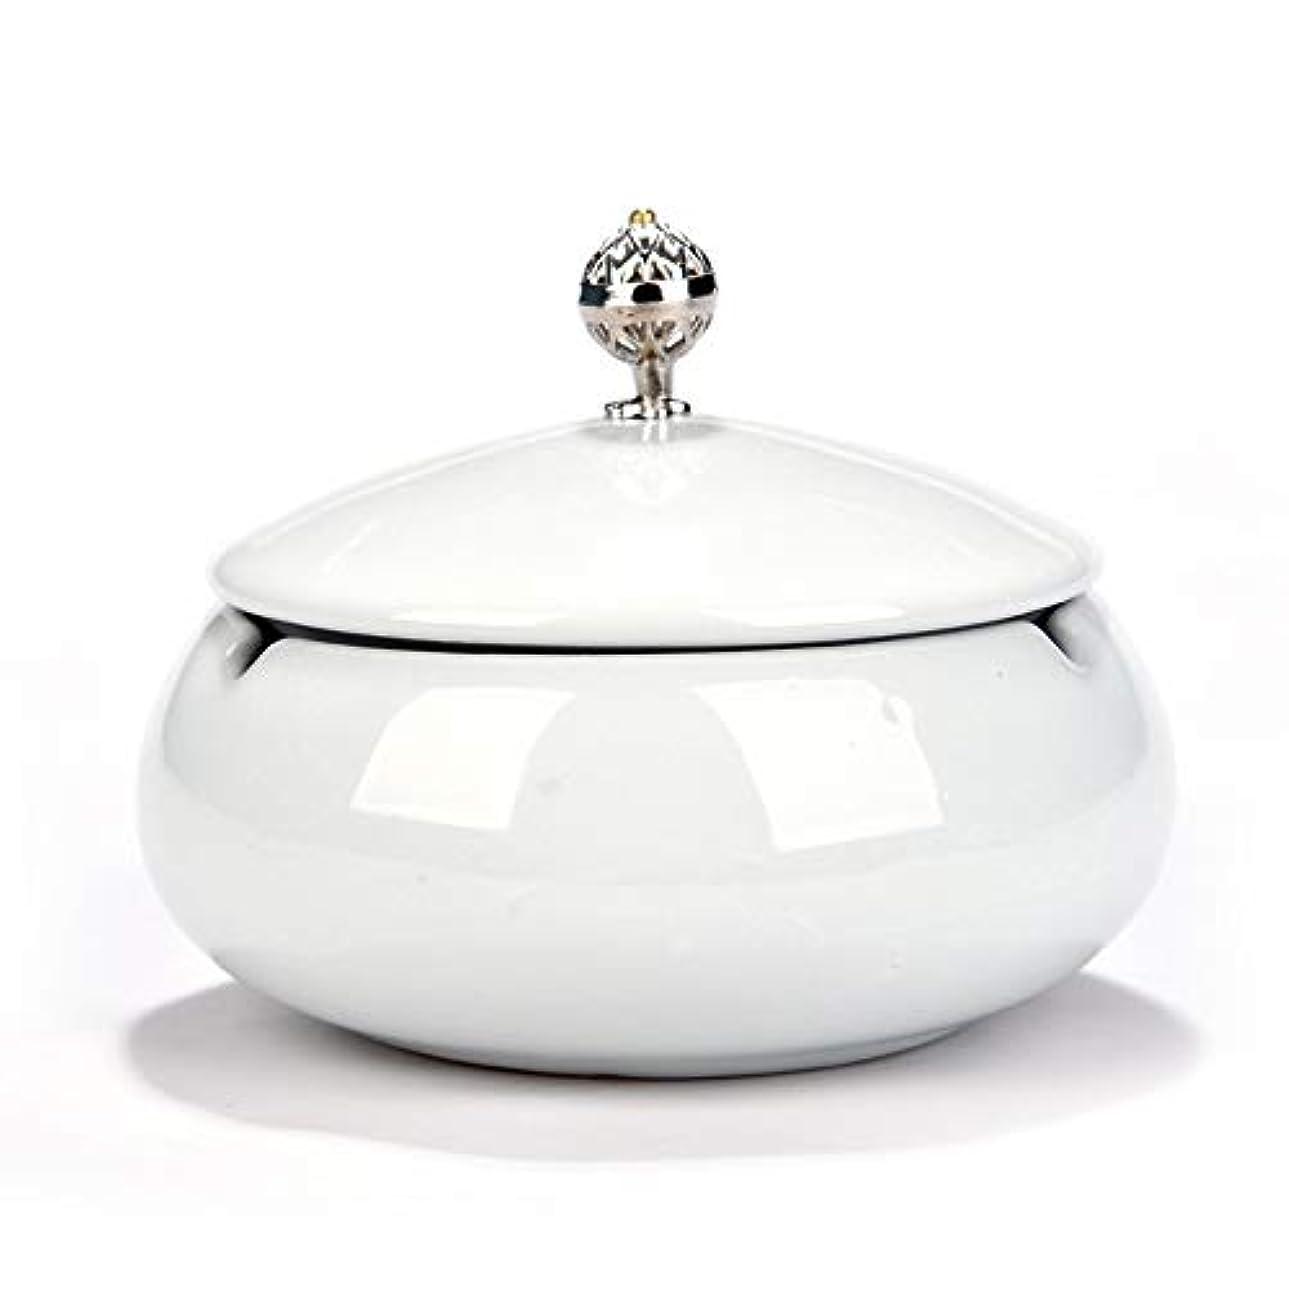 球状無視する修復タバコ、ギフトおよび総本店の装飾のための円形の光沢のあるセラミック灰皿 (色 : 白)